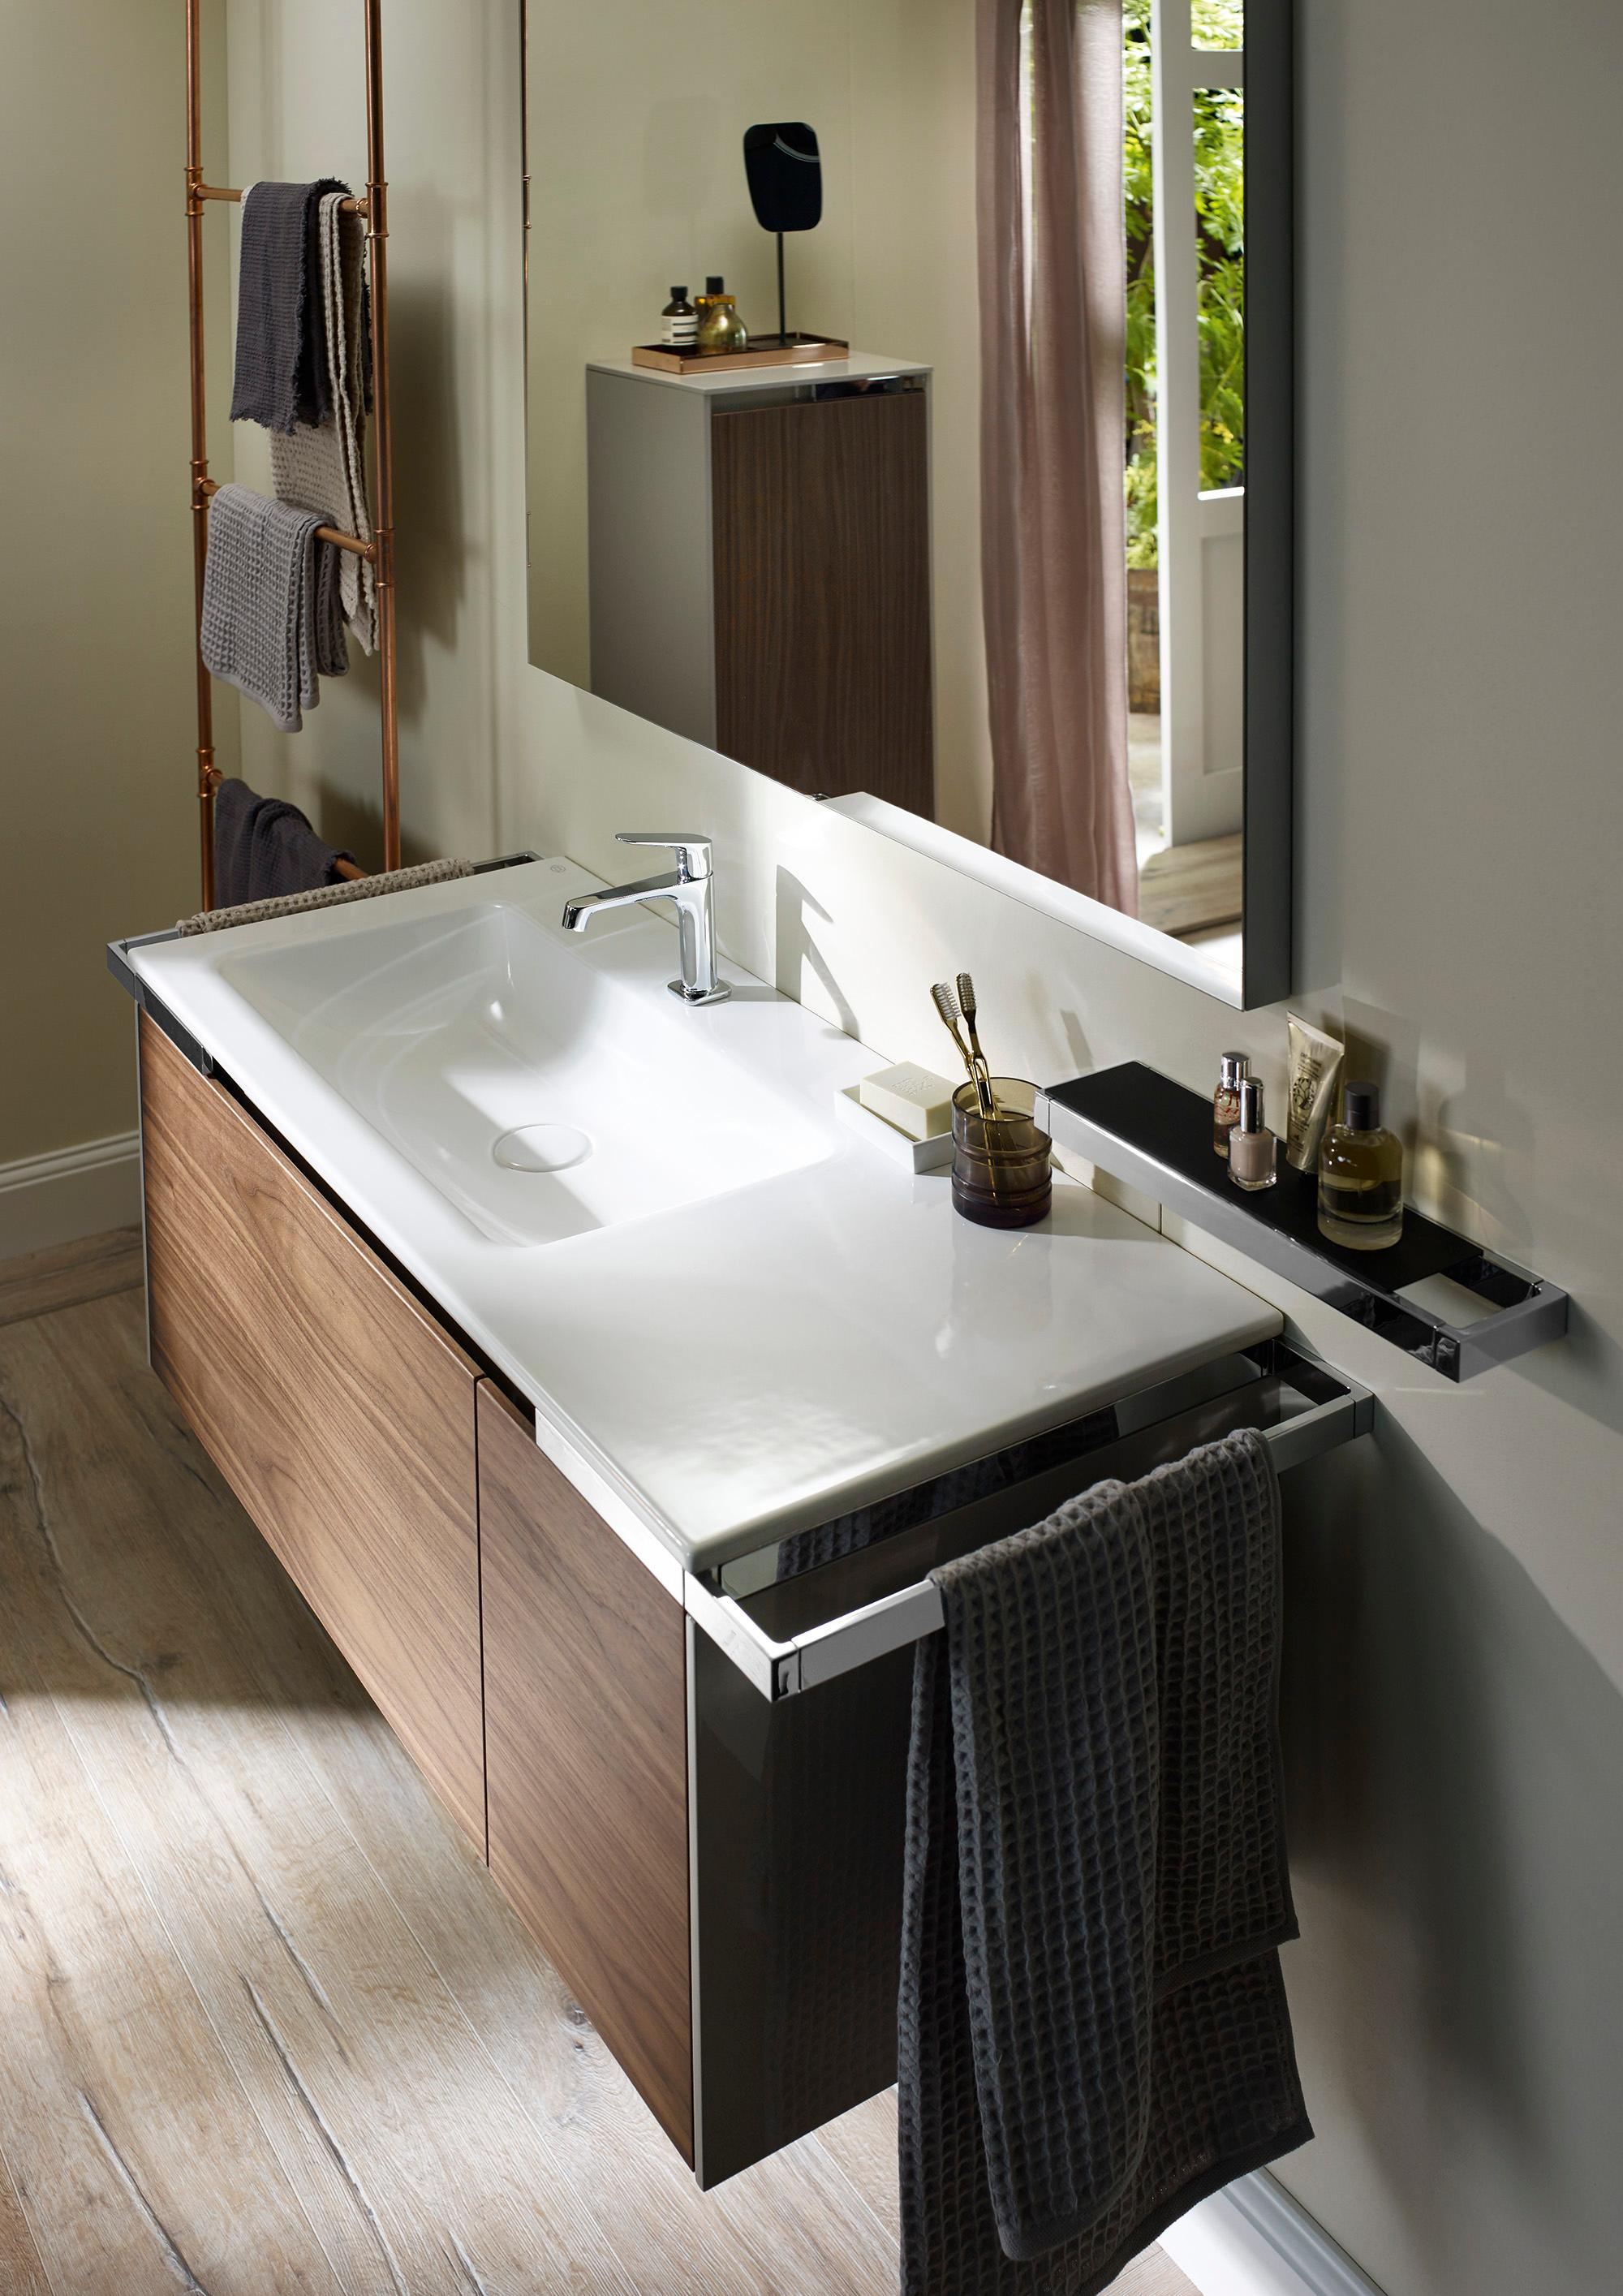 Schön Yso Waschtisch Mit Möbel In Nussbaum #bad #spiegel #schrank #waschtisch  #badmöbel